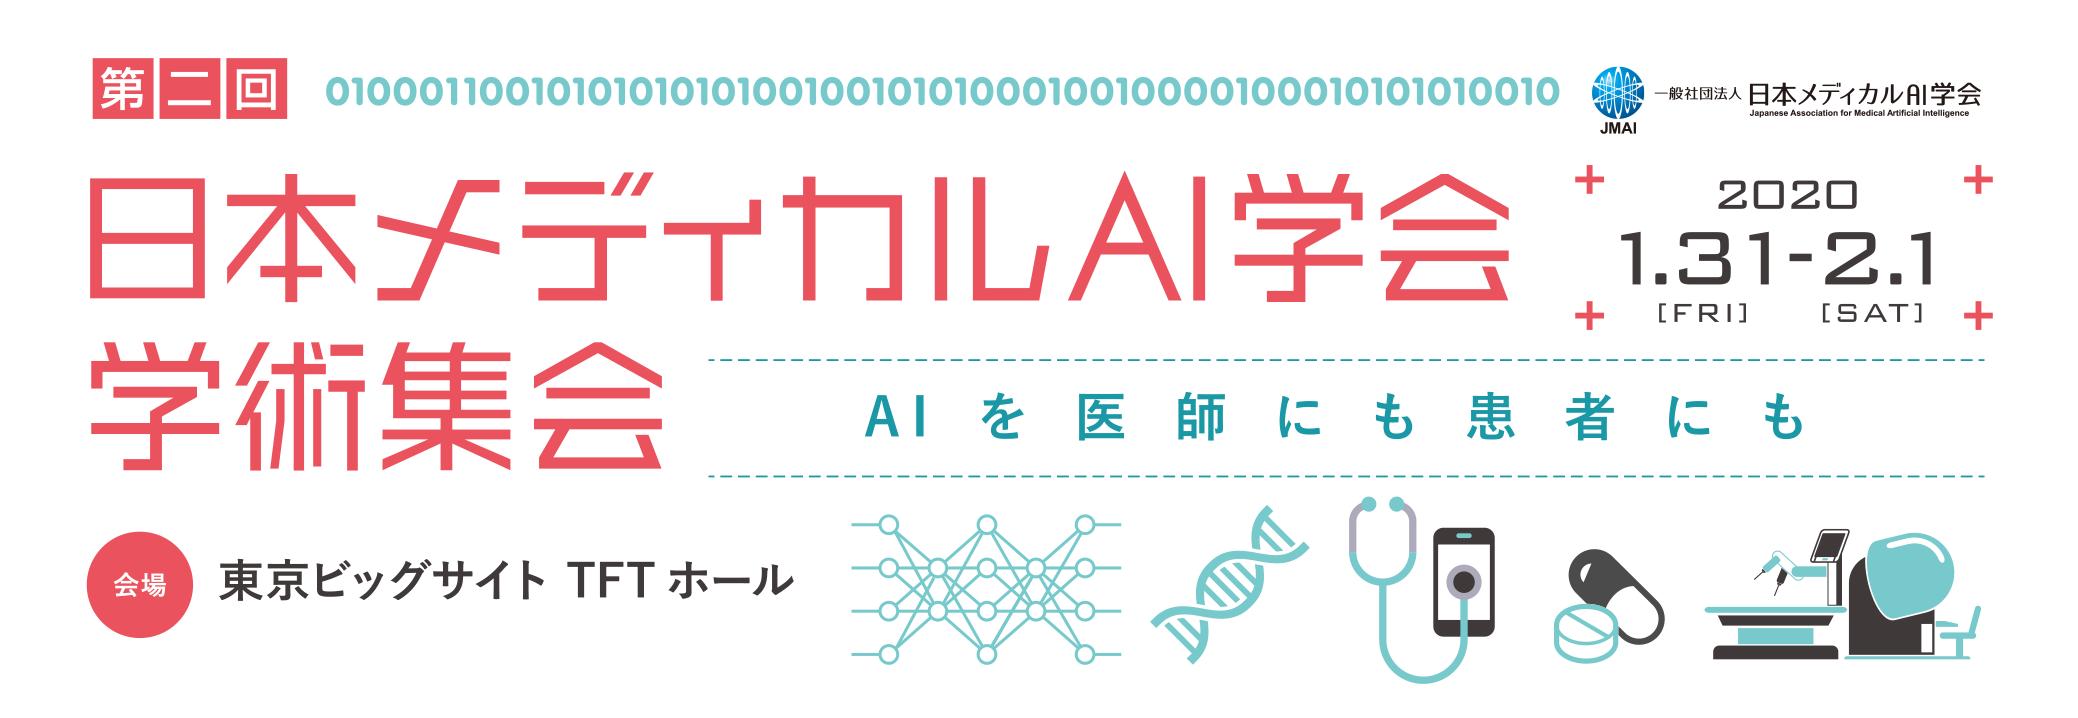 [出展情報] 第2回日本メディカルAI学会 学術集会